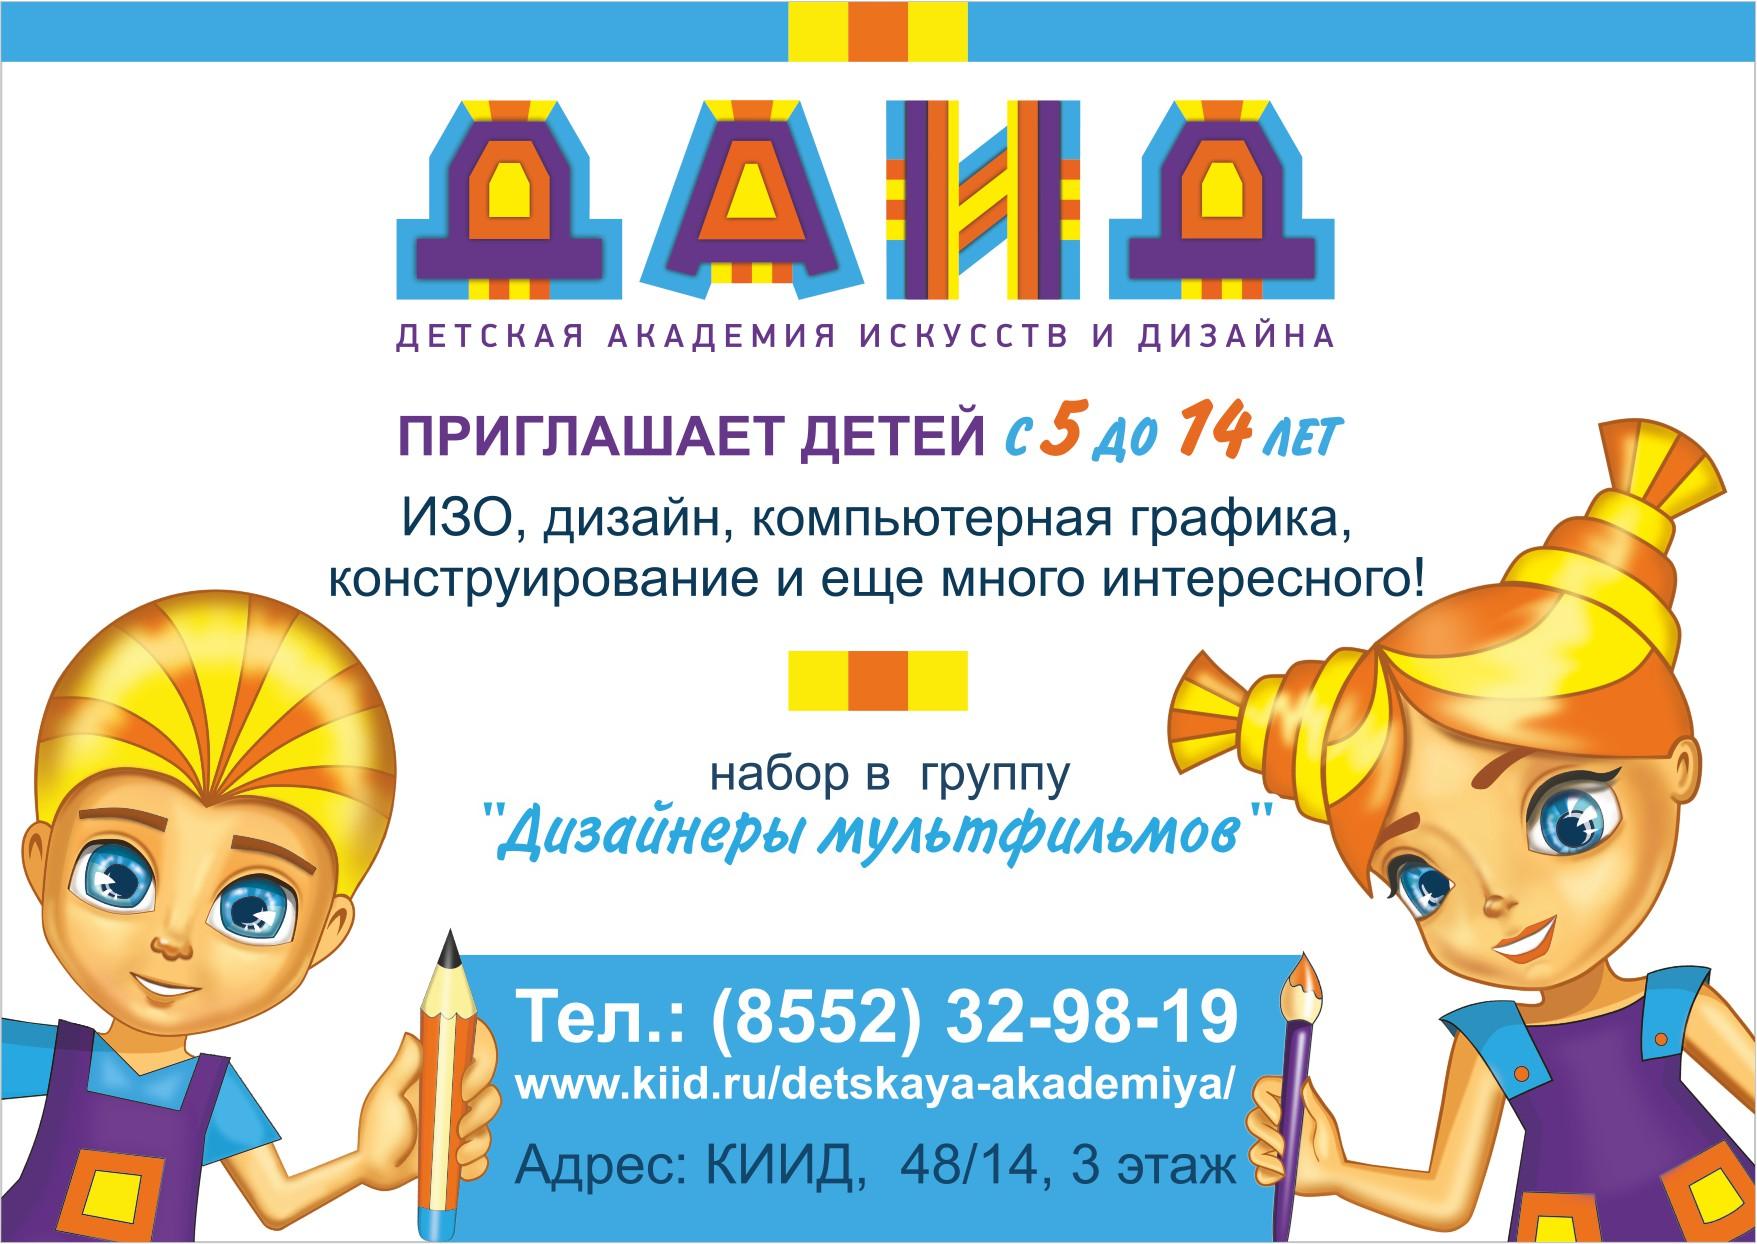 Приглашаем детей с 5 до 14 лет на 2016-2017 учебный год vk.com/daidkiid. Запись по телефонам: 32-98-19; 8-927-467-89-35